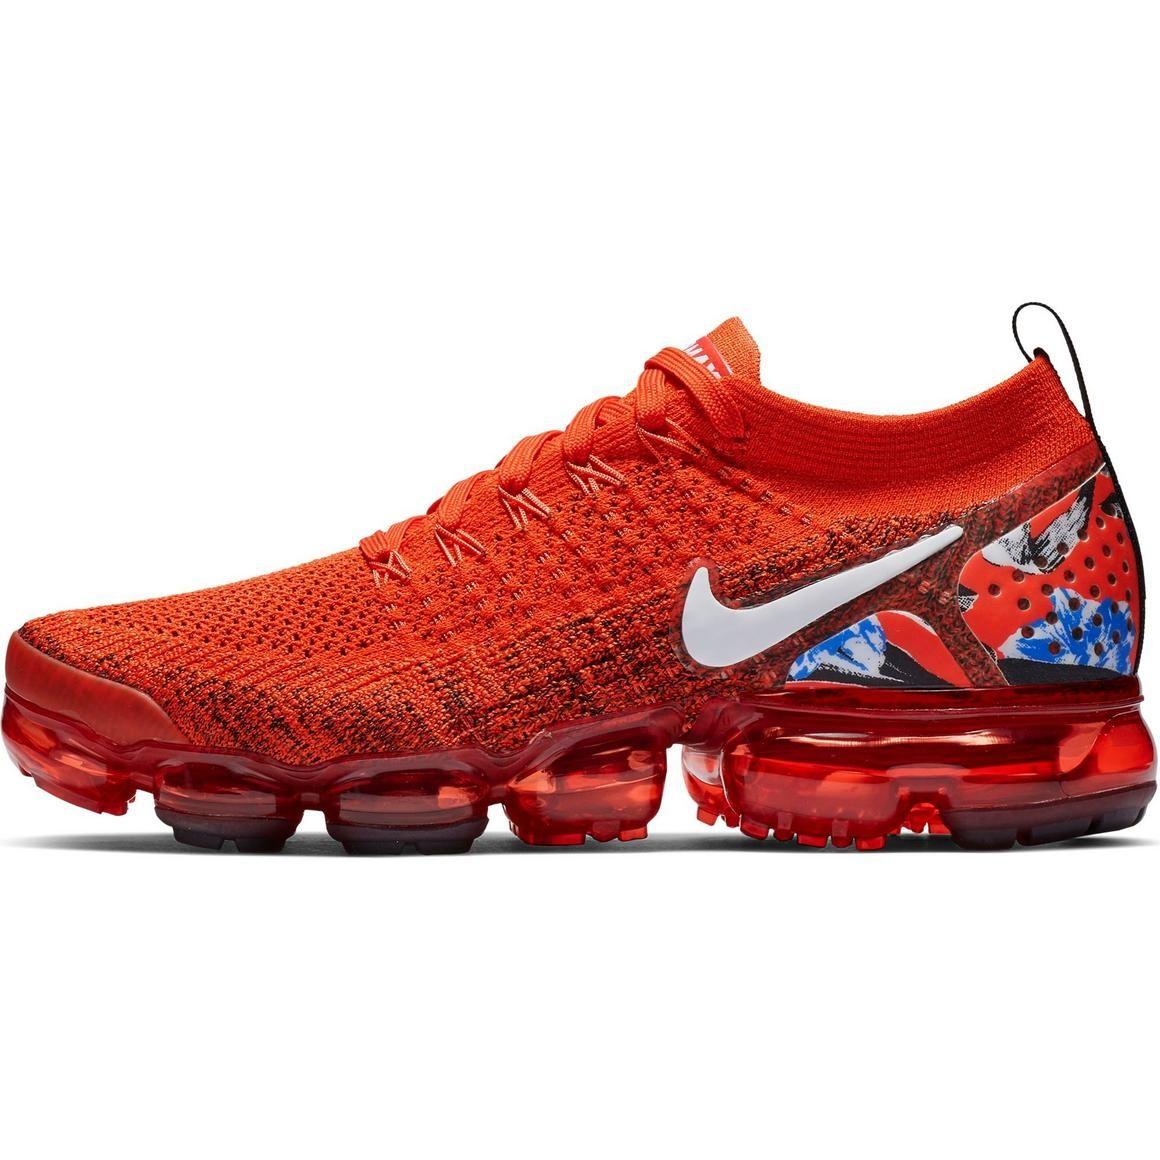 """Nike VaporMax Flyknit """"Team Orange/Red"""" Women's Shoe in"""